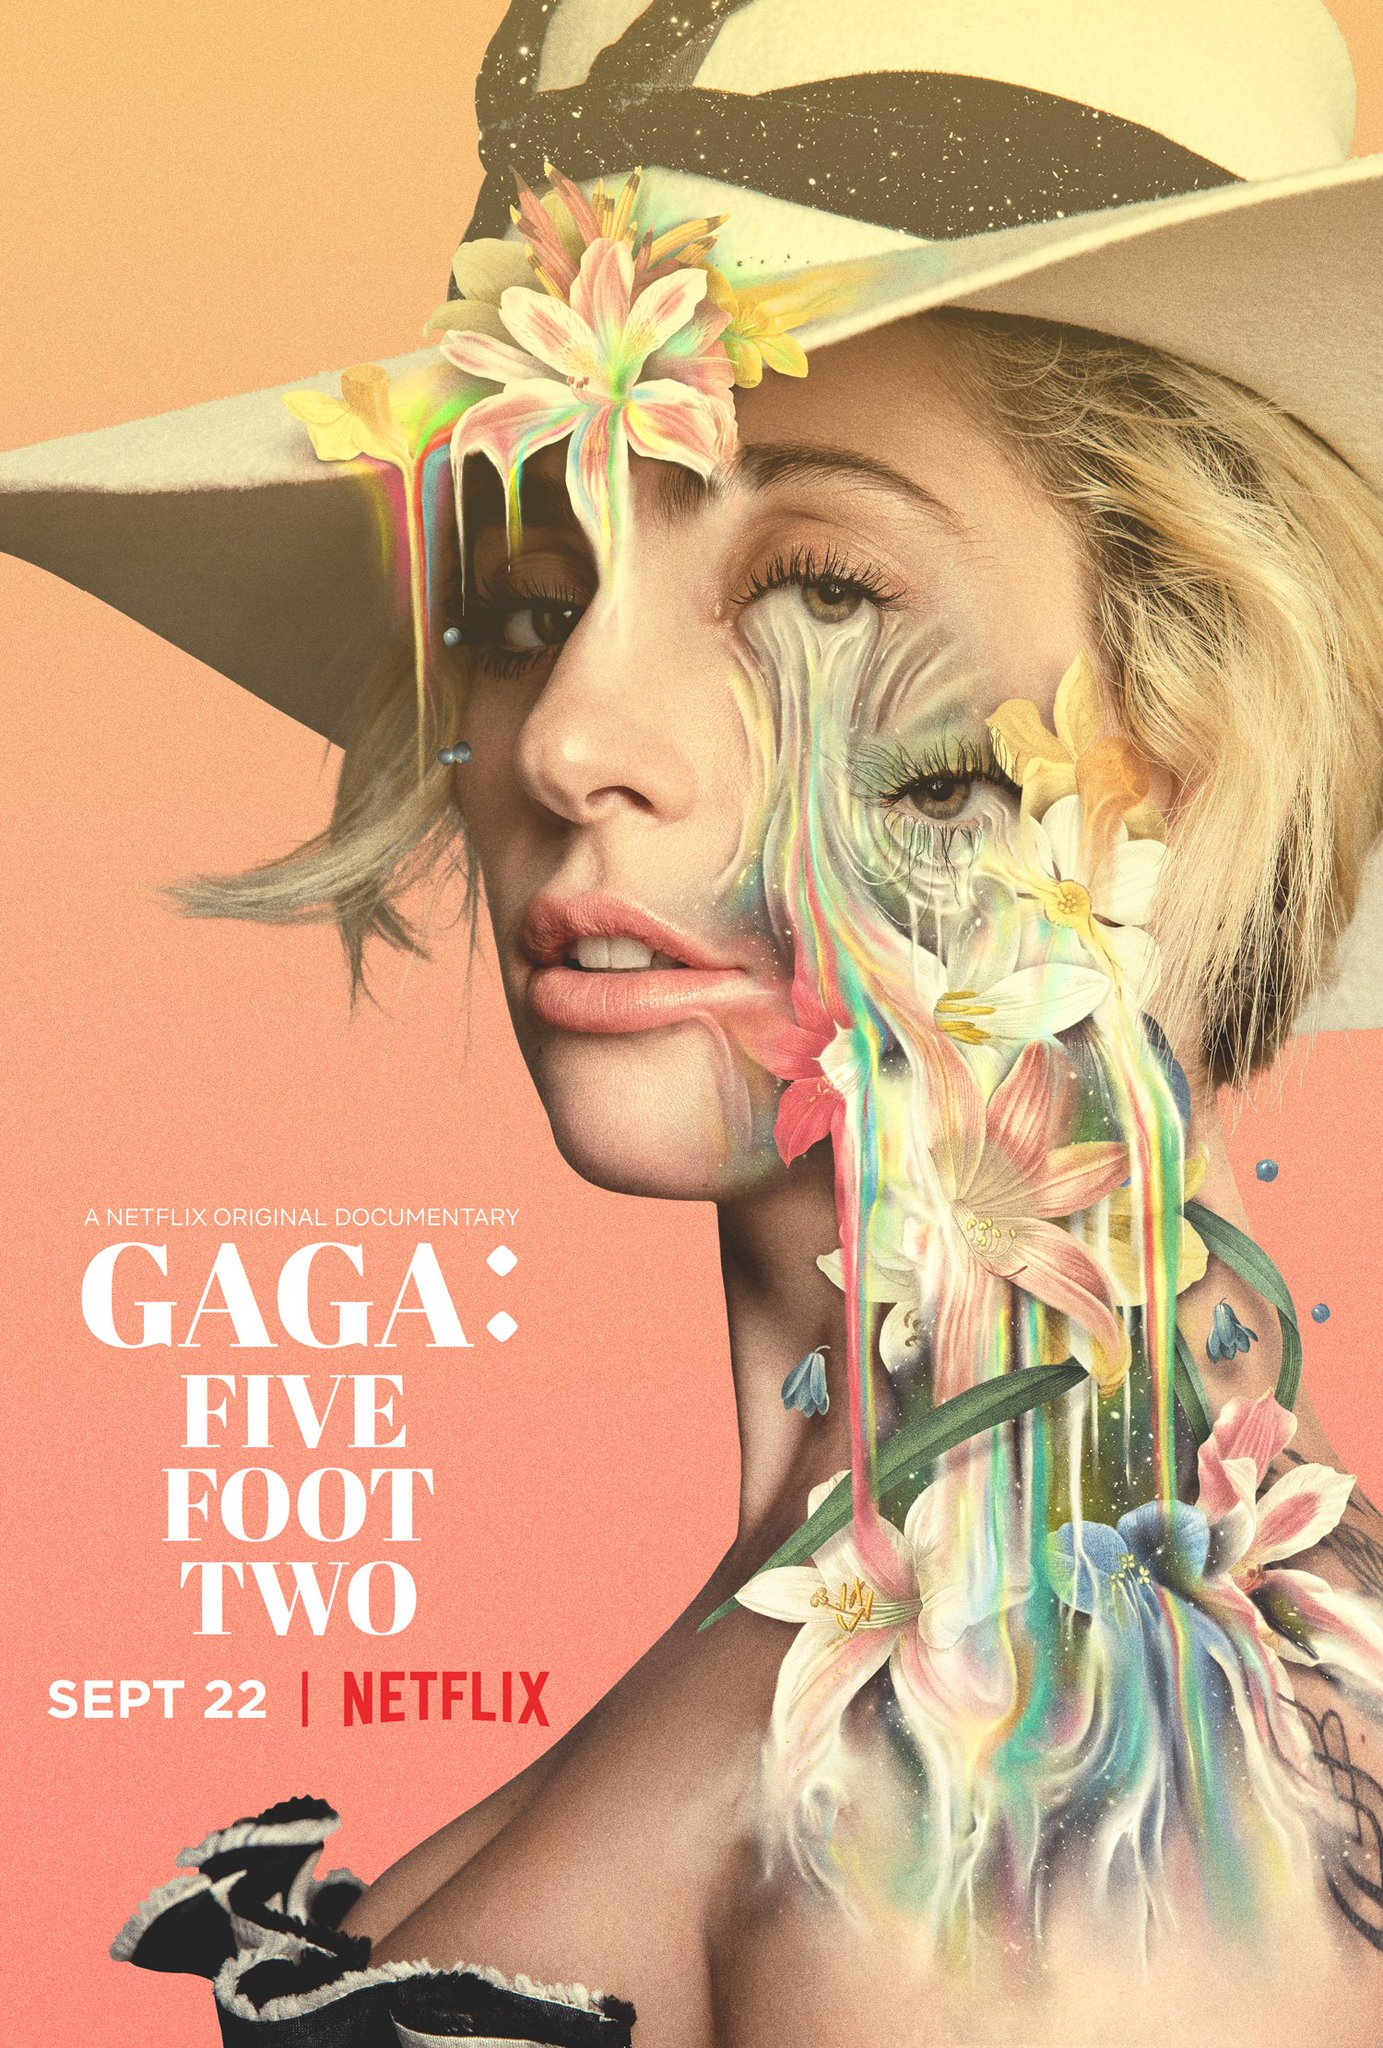 #GagaFiveFootTwo, a @Netflix Original Documentary, Sept 22 worldwide �� https://t.co/nyuq6sNN9A